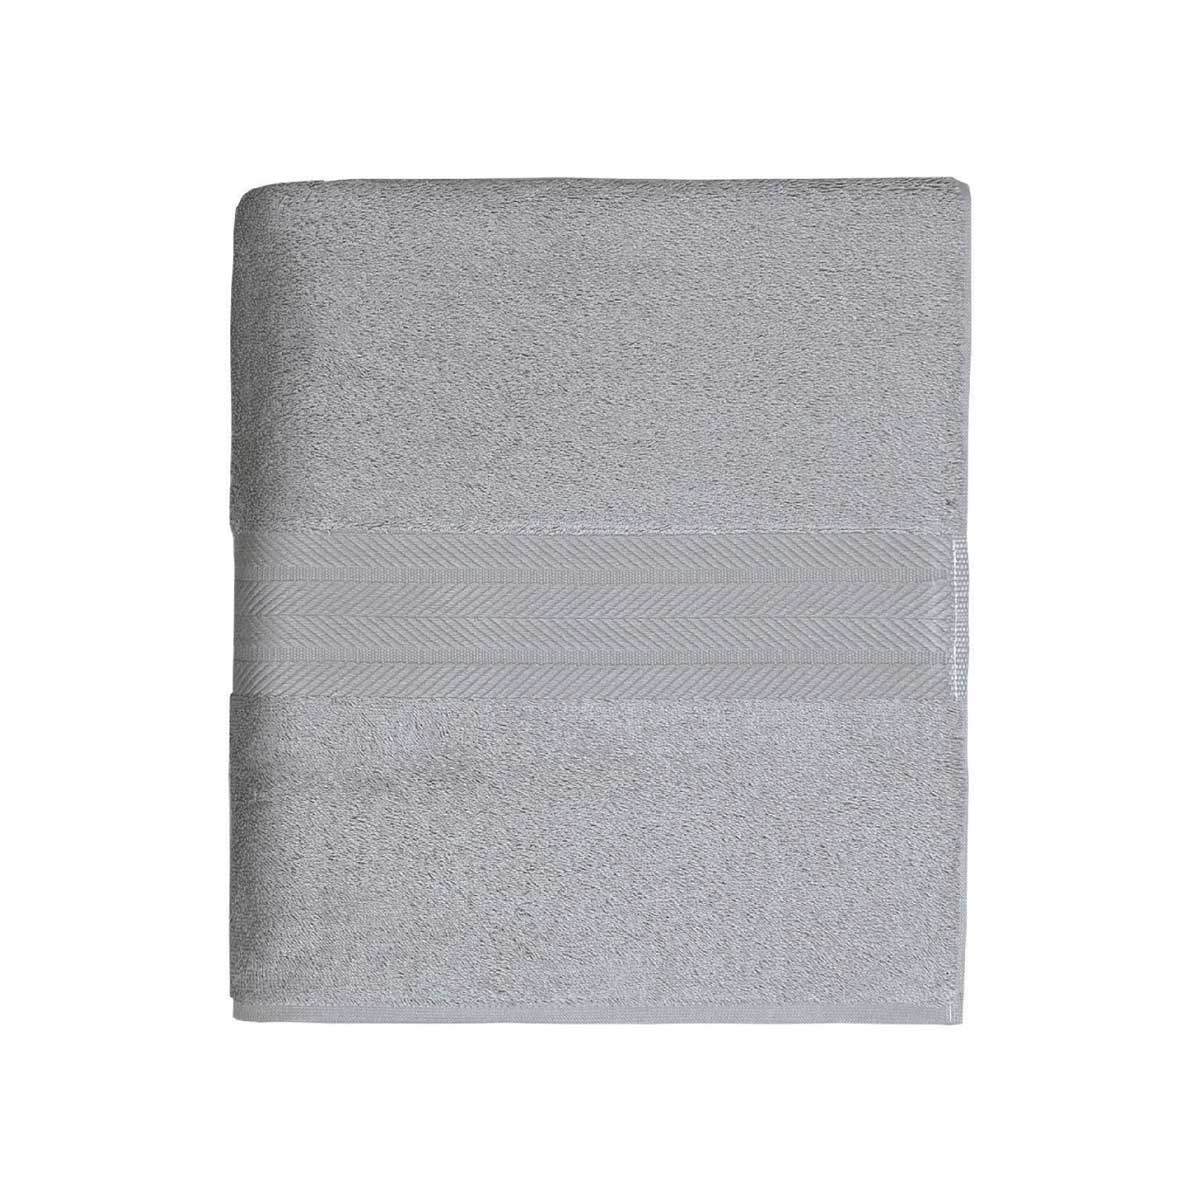 Linge de bain en coton moelleux 550gr/m²  (Gris Perle)